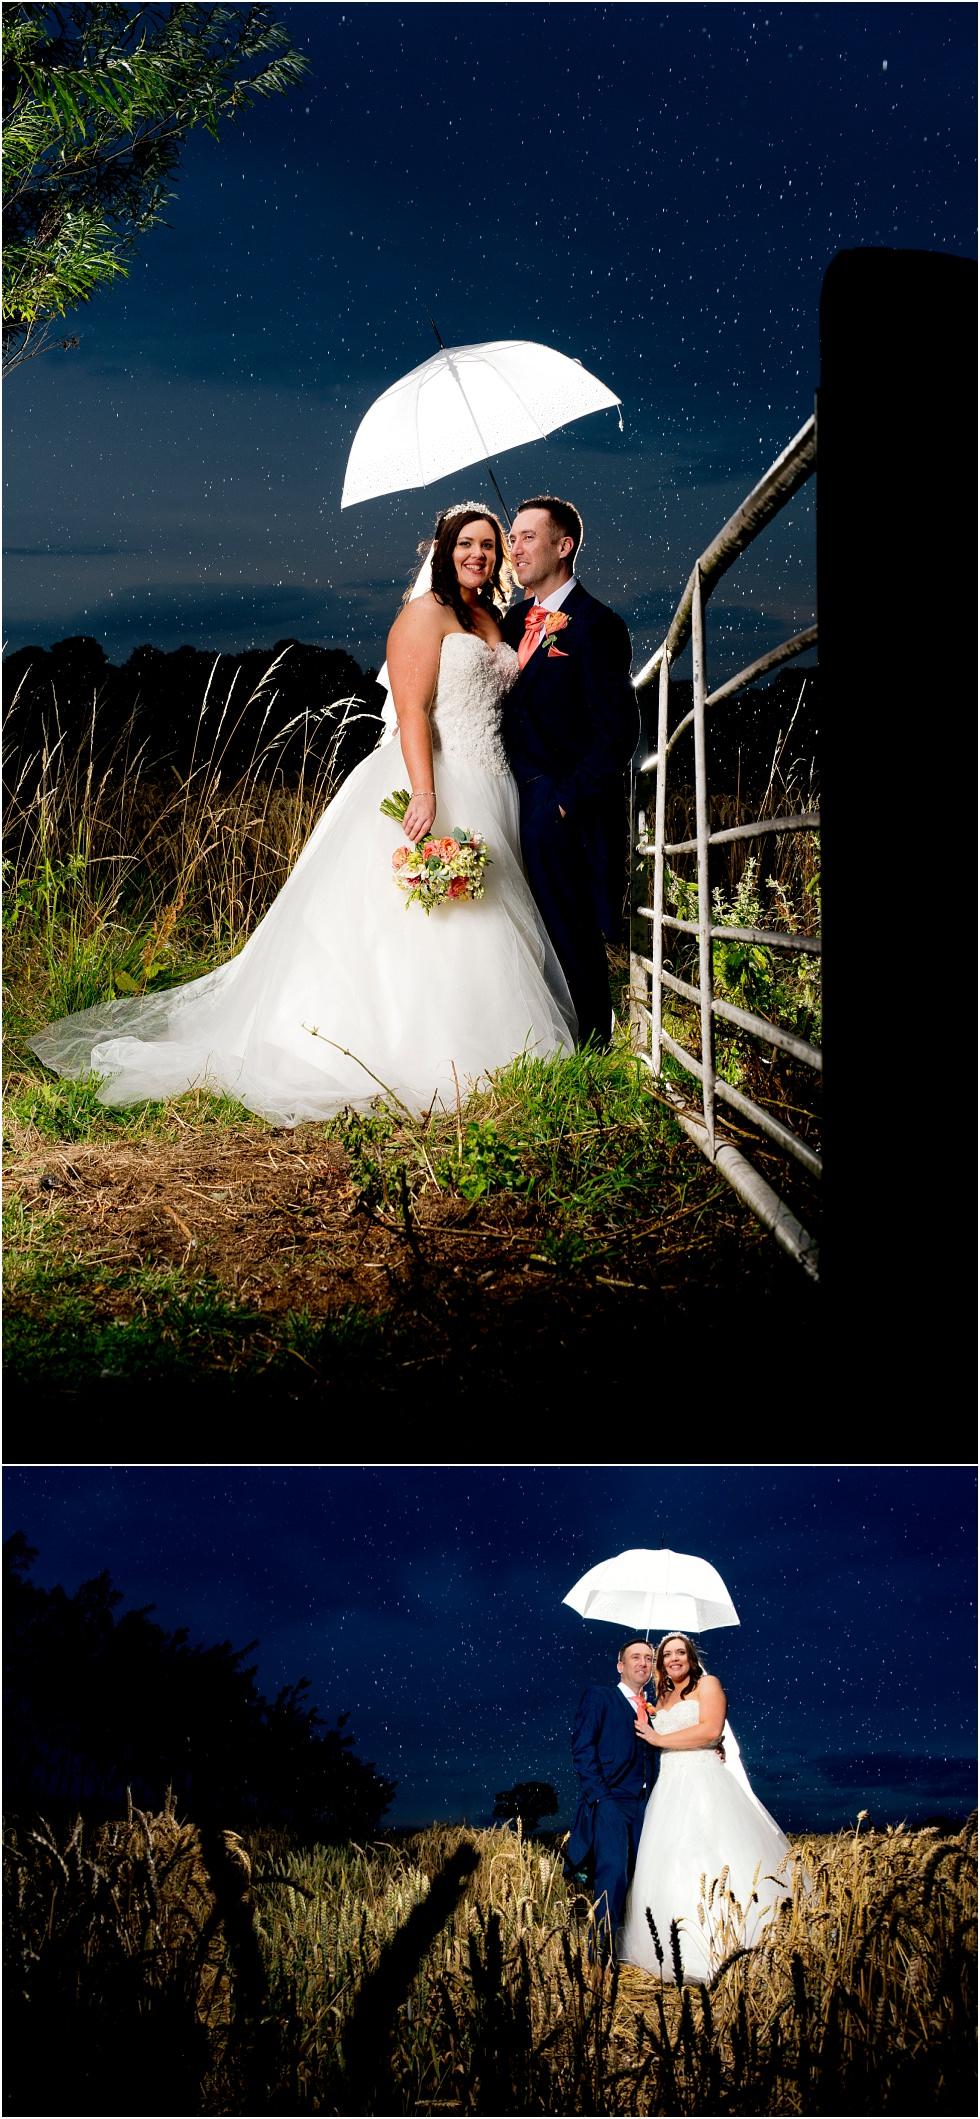 Swancar Farm Wedding 019